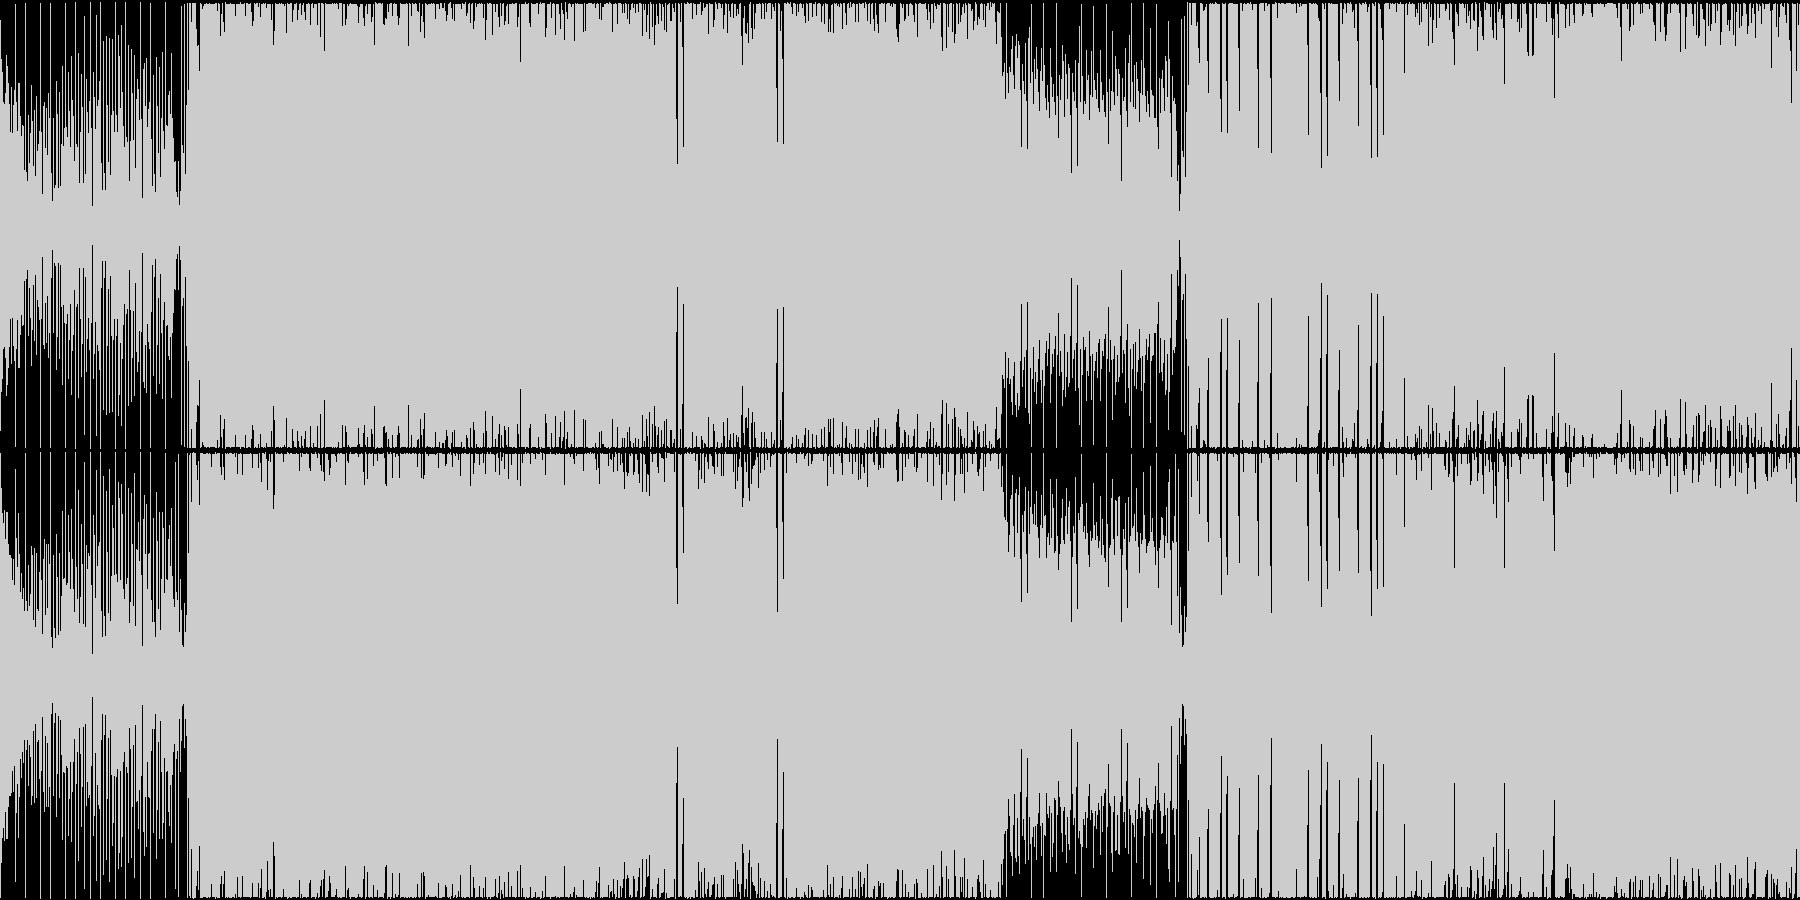 凶悪な雰囲気のメタル+ドラムンベースの未再生の波形